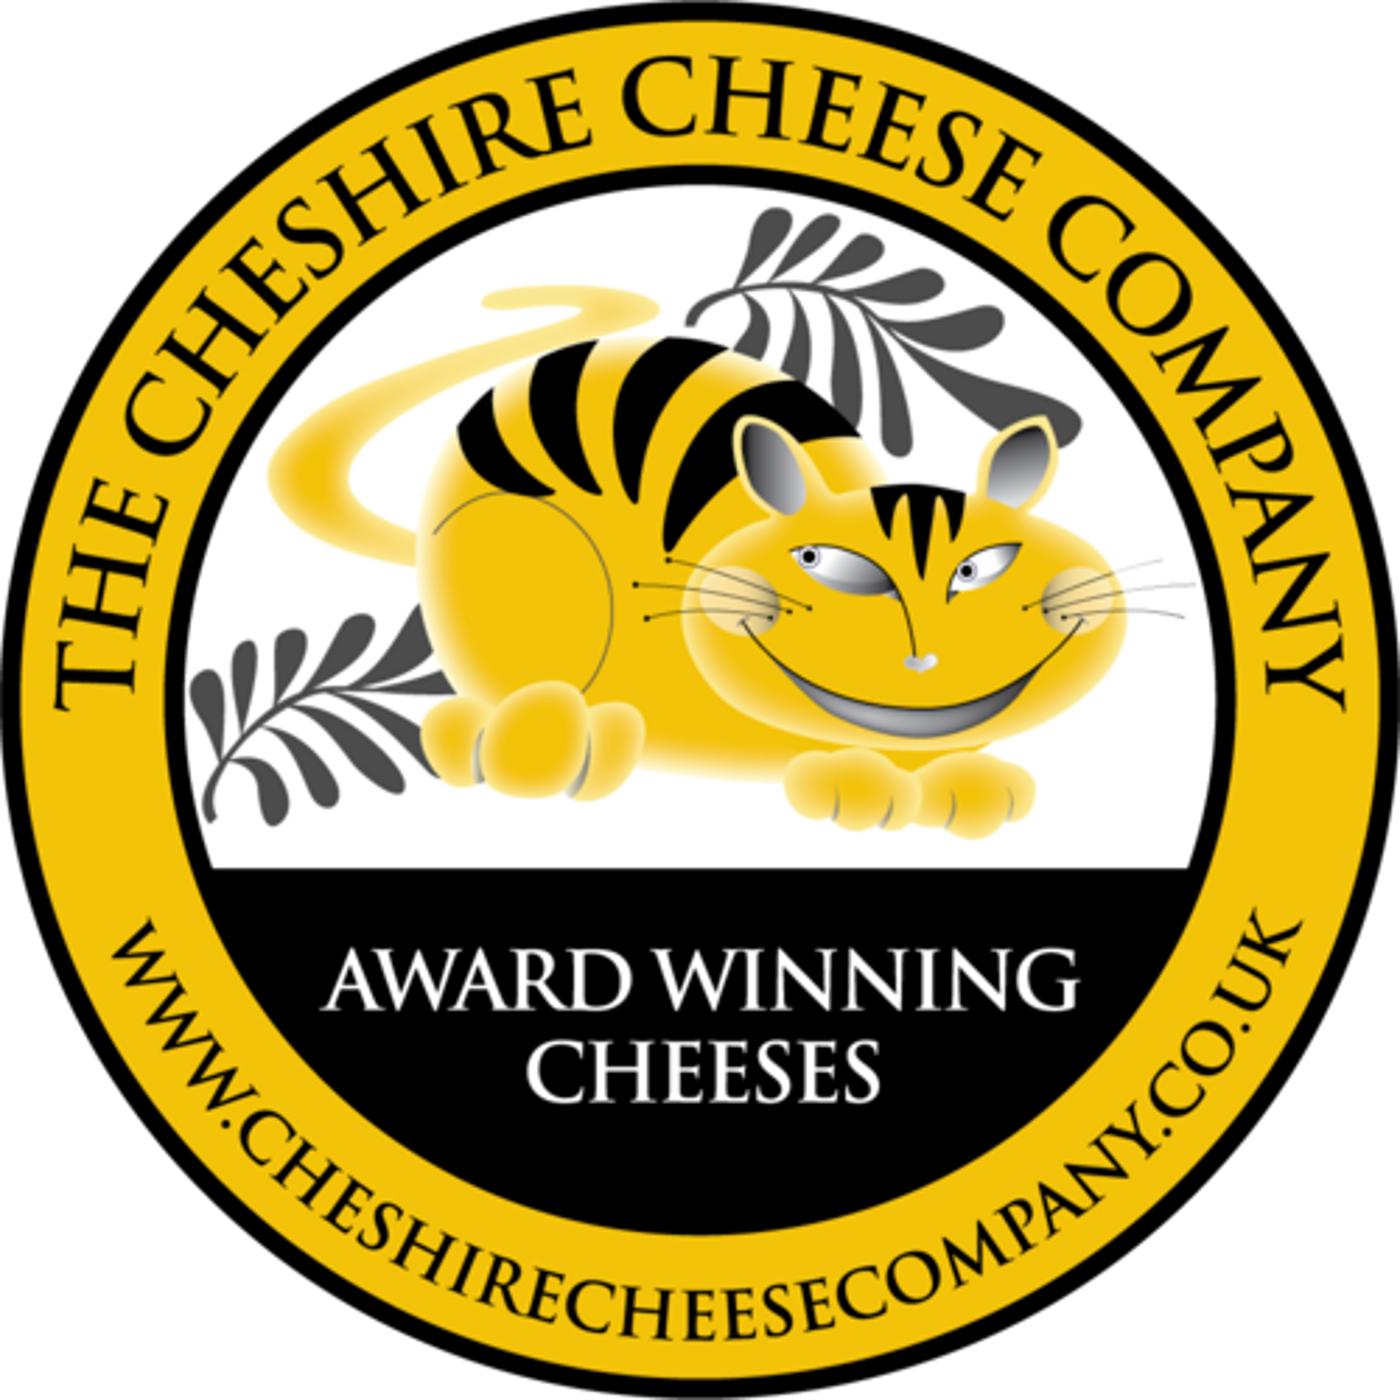 Cheshire Cheese Company - Award winning cheeses